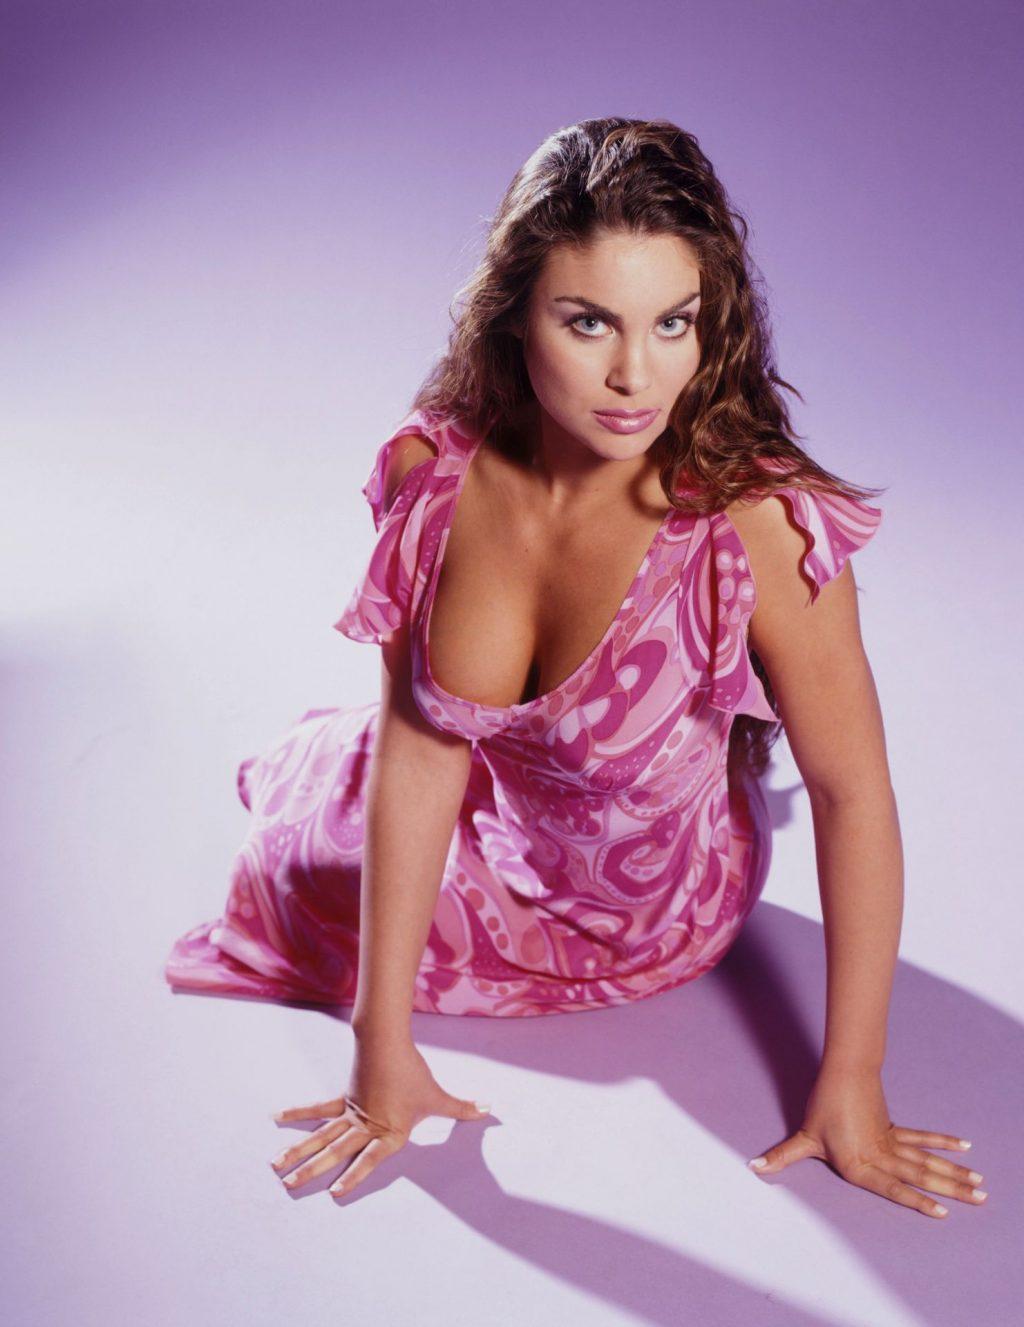 Nadia Bjorlin Nude & Sexy Collection (52 Photos)